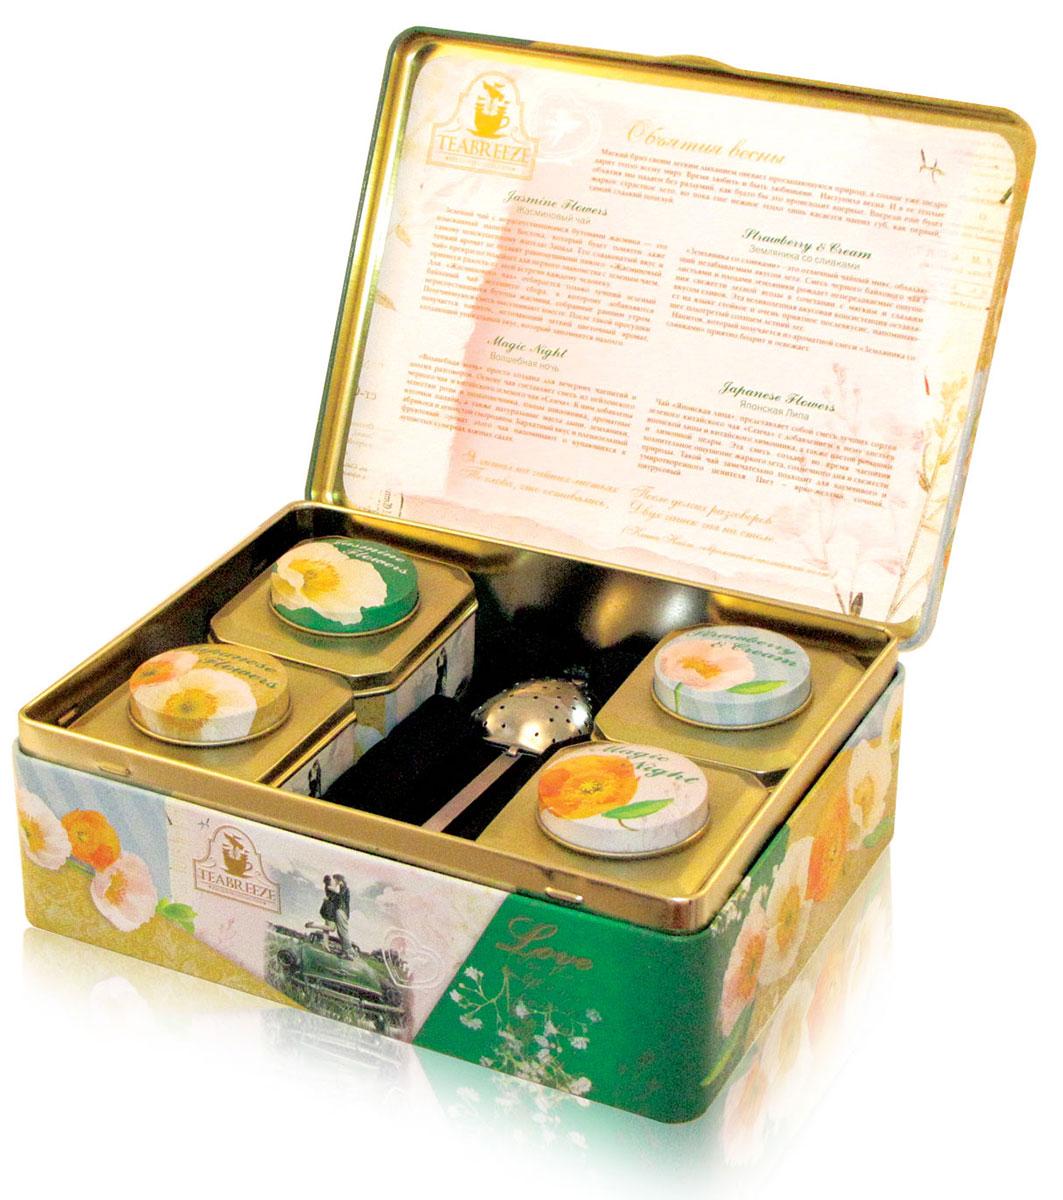 Teabreeze Объятия весны чай ароматизированный в подарочной шкатулке, 200 г0120710Чайная шкатулка Объятия весны включает в себя несколько видов чая.Чай Земляника со сливками 50 г.Земляника со сливками - это отличный чайный микс, обладающий незабываемым вкусом лета. Смесь черного байхового чая с листьями и плодами земляники рождает непередаваемые ощущения свежести лесной ягоды в сочетании с мягким и сладким вкусом сливок. Эта великолепная вкусовая консистенция оставляет на языке стойкое и очень приятное послевкусие, напоминающее подогретый солнцем летний лес. Напиток, который получается из ароматной смеси Земляника со сливками приятно бодрит и освежает.Чай Волшебная ночь 50 г.Волшебная ночь просто создана для вечерних чаепитий и долгих разговоров. Основу чая составляет смесь из цейлонского черного чая и китайского зеленого чая Сенча. К ним добавлены лепестки розы и подсолнечника, плоды шиповника, ароматные кусочки папайи, а также натуральные масла дыни, земляники, абрикоса и душистой смородины. Бархатный вкус и пленительный фруктовый аромат этого чая напоминают о купающихся в душистых сумерках южных садах.Чай Японская липа 50 г.Чай Японская липа, представляет собой смесь лучших сортов зеленого китайского чая Сенча с добавлением к нему цветов ромашки и японской липы, а так же листьев китайского лимонника и лимонной цедры. Эта смесь создает во время чаепития волнительное ощущение жаркого лета, солнечного дня и свежести природы. Такой чай замечательно подходит для вдумчивого и умиротворенного ценителя. Цвет – ярко - желтый, сочный, цитрусовый.Жасминовый чай 50 г.Зеленый чай с нераспустившимися бутонами жасмина — это изысканный напиток Востока, который будет понятен даже самому неискушенному жителю Запада. Его сладковатый вкус и тонкий аромат не оставят равнодушными никого. Жасминовый чай прекрасно подойдет для первого знакомства с зеленым чаем, привнеся радость от этой встречи каждому человеку. Для Жасминового чая отбирается только лучший зеленый байховый чай весеннего с